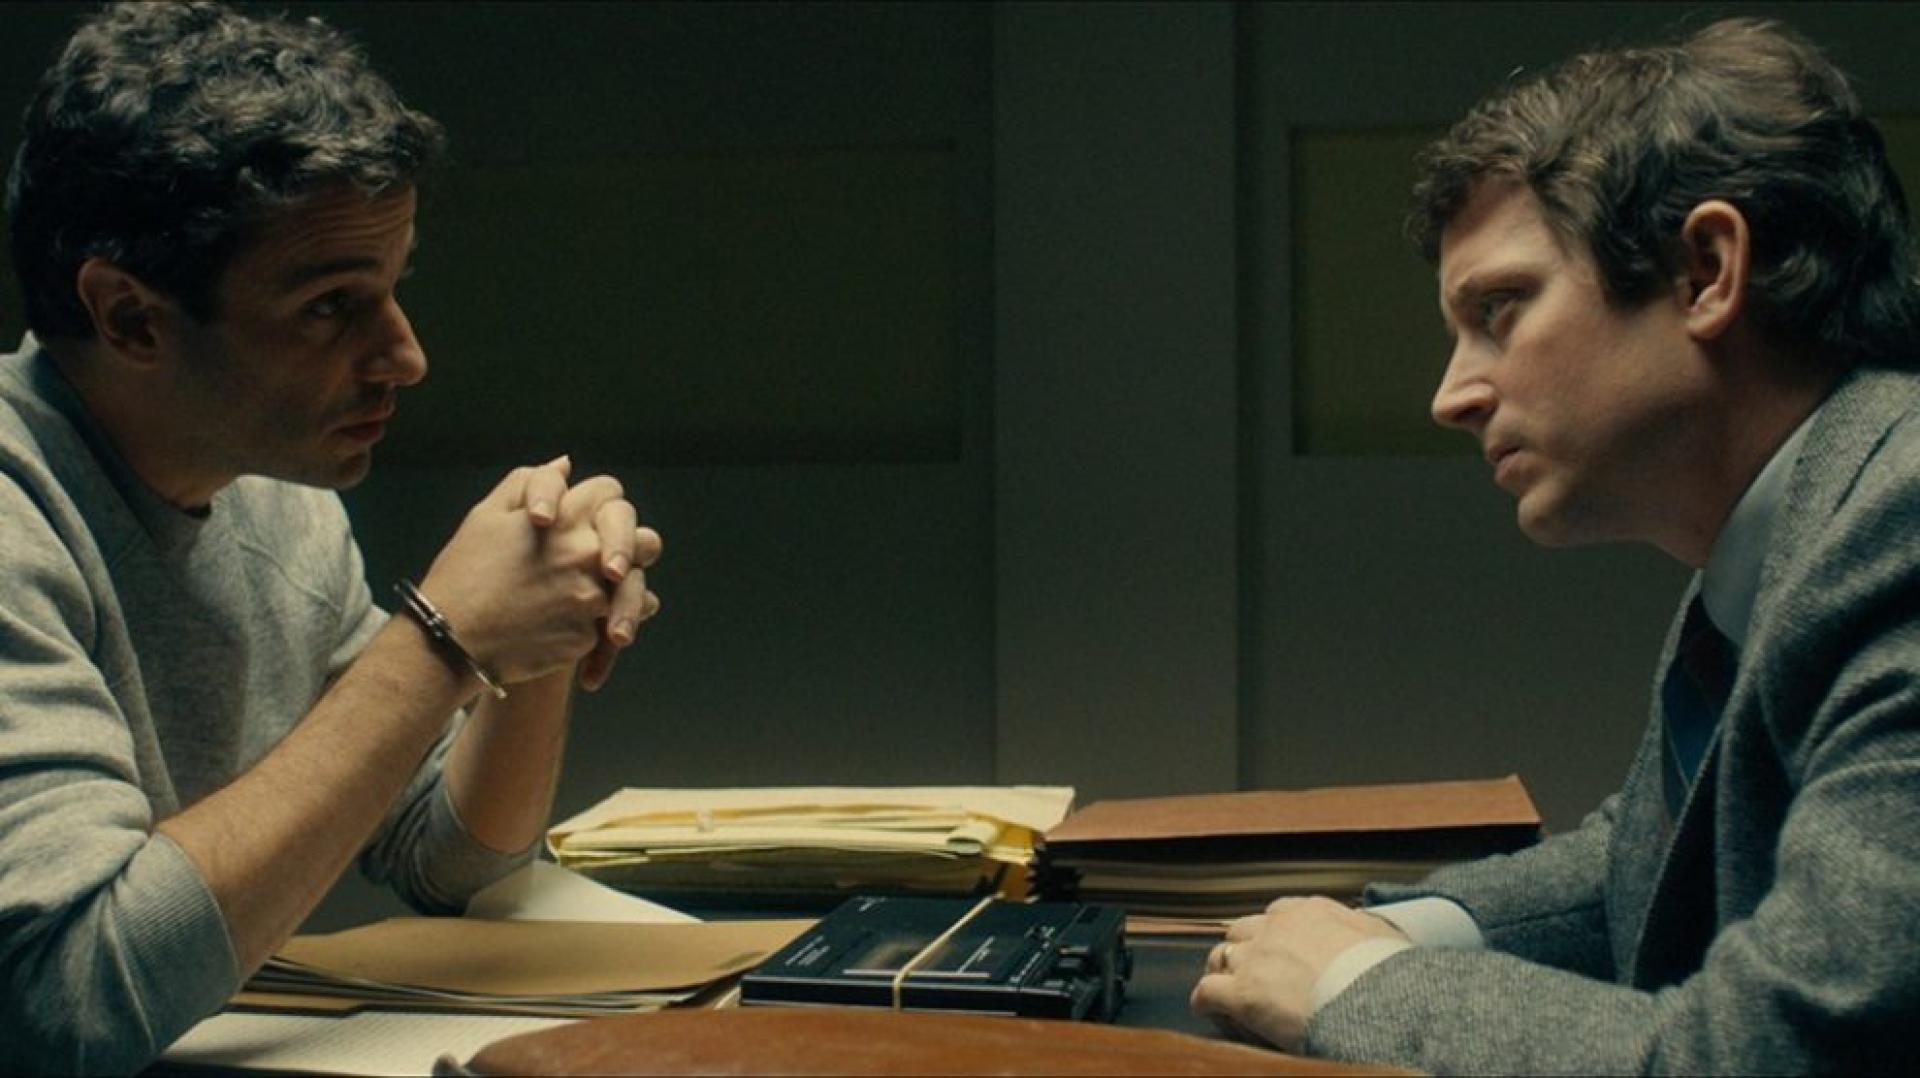 Újabb film érkezik a hírhedt Ted Bundyról